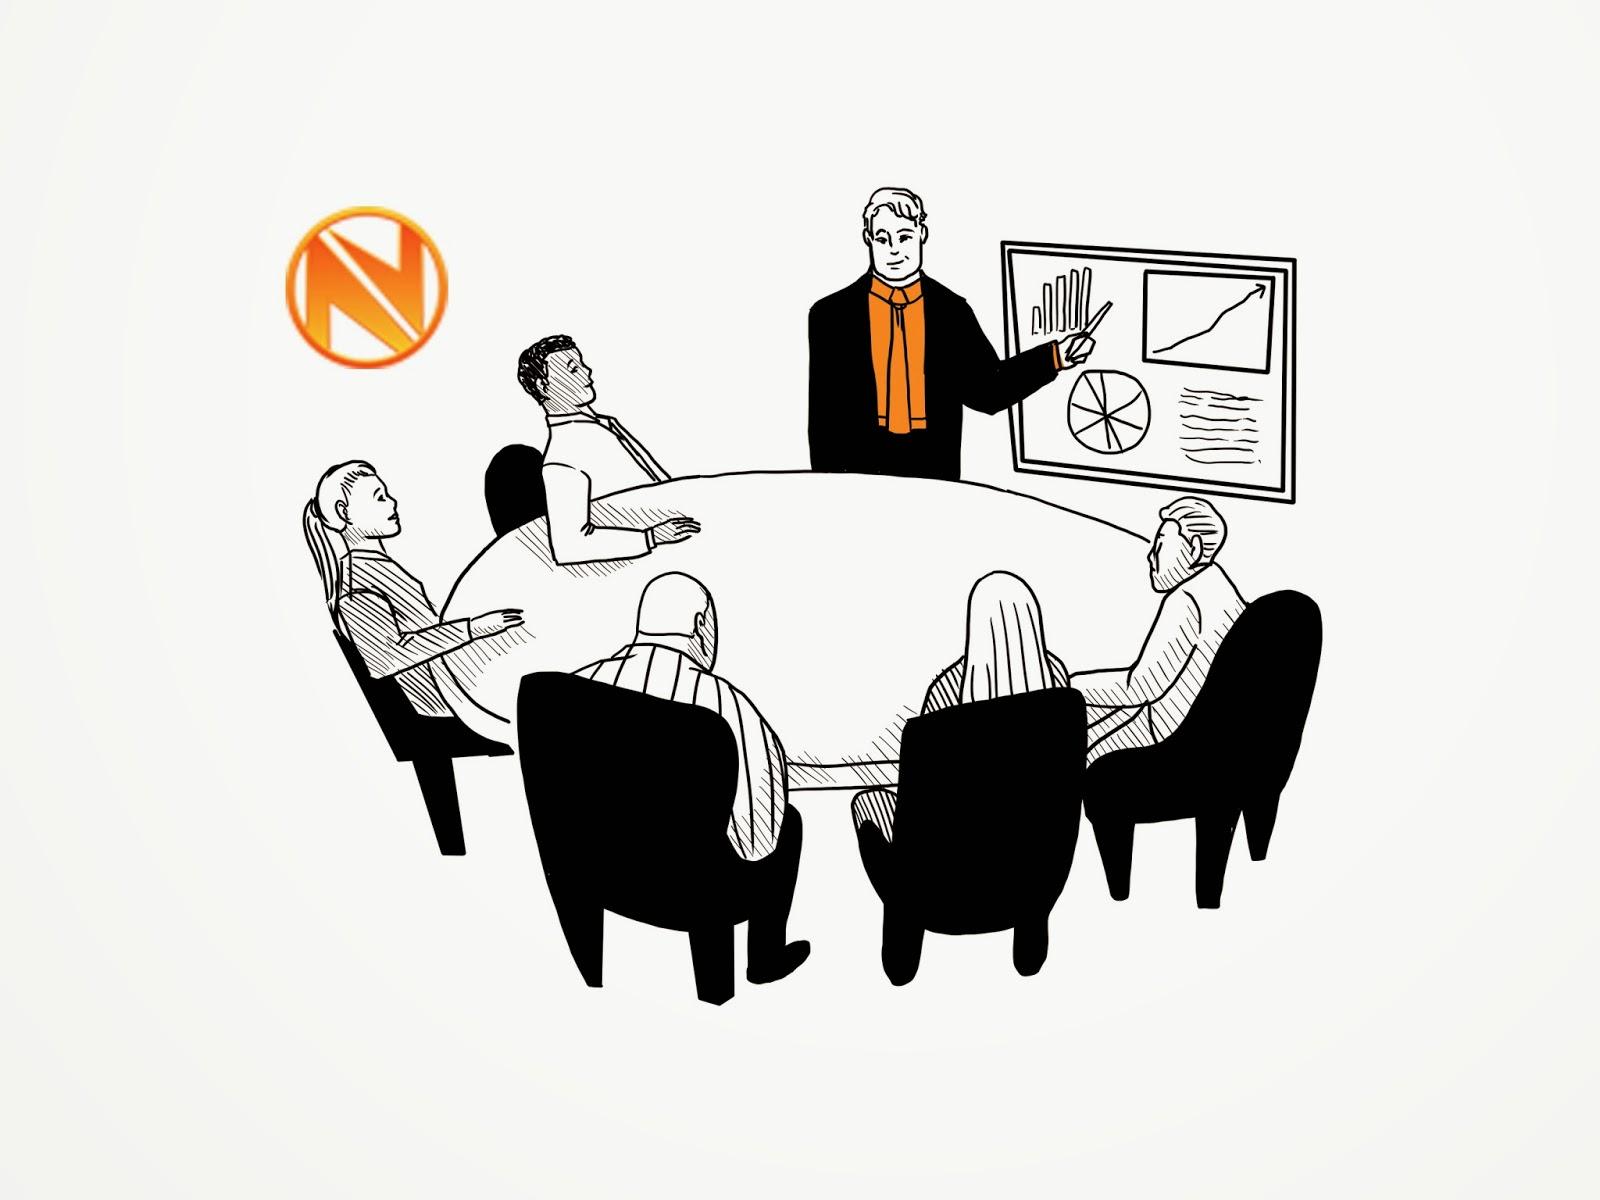 Board Mentoring